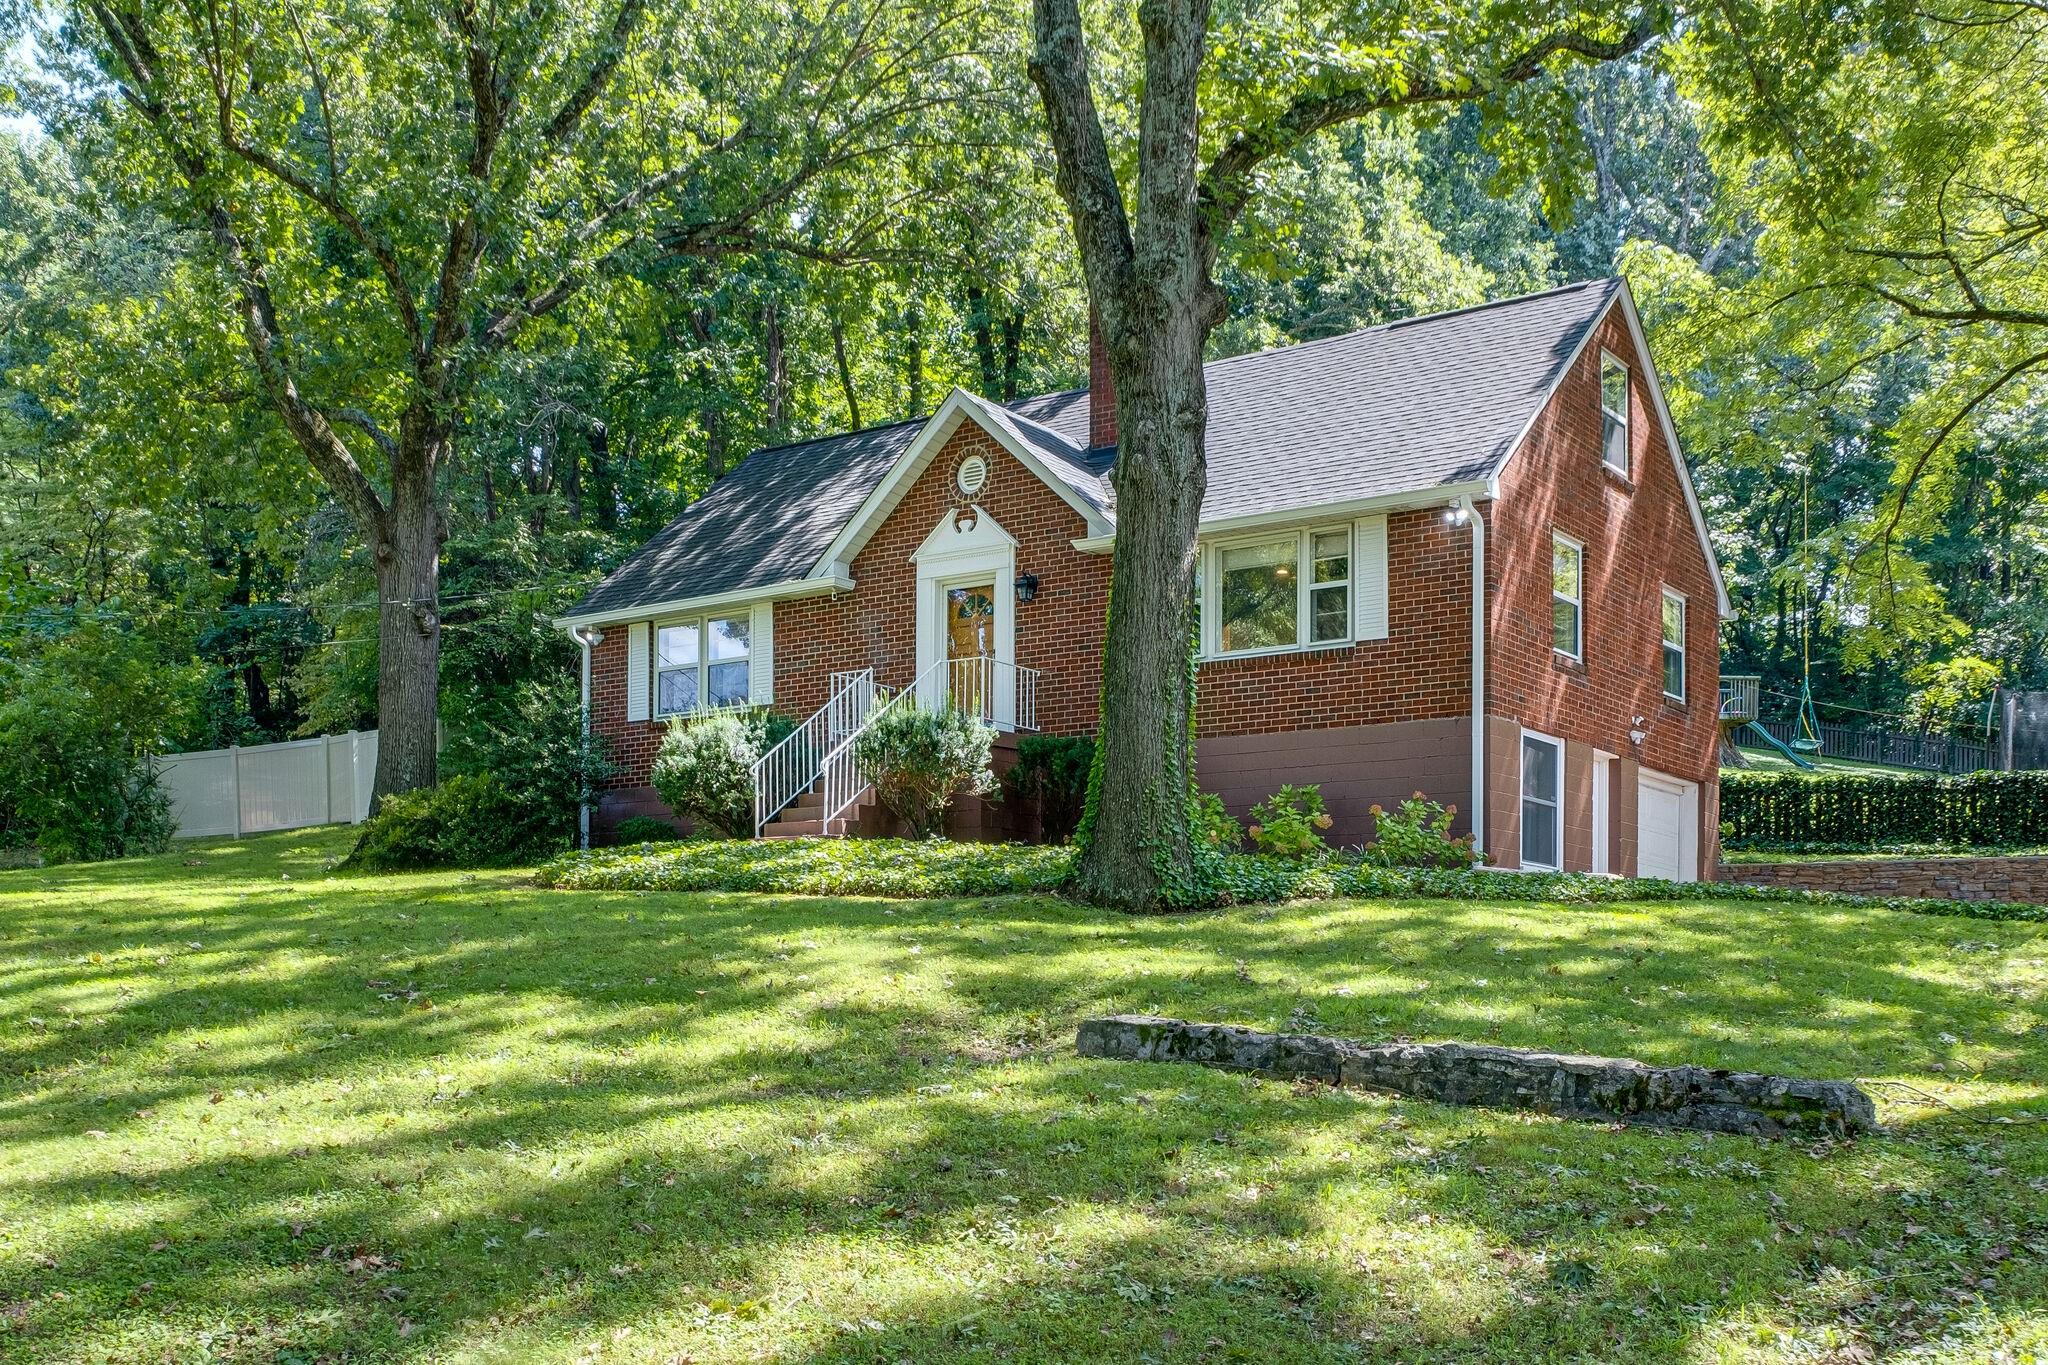 332 Pineway Dr Property Photo 4